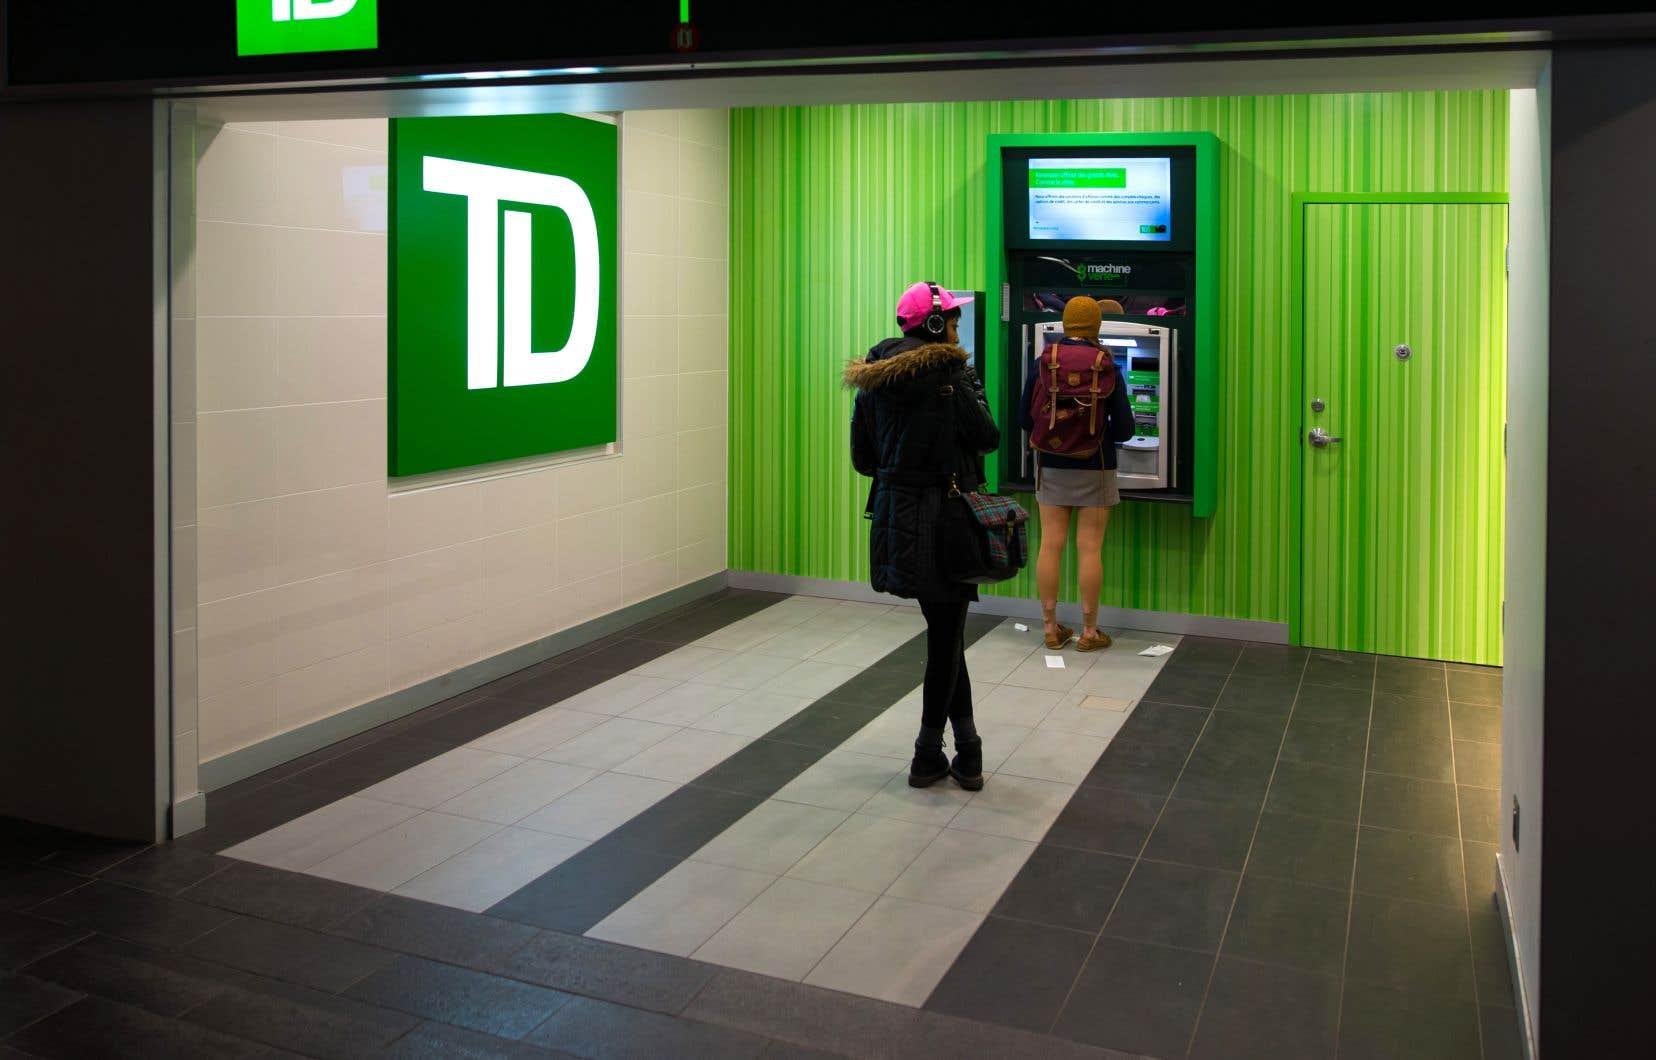 La Banque TD a réalisé un bénéfice de 2,35 milliards pour le trimestre clos le 31 janvier, ce qui représentait une baisse de 7% par rapport à la même période un an plus tôt.